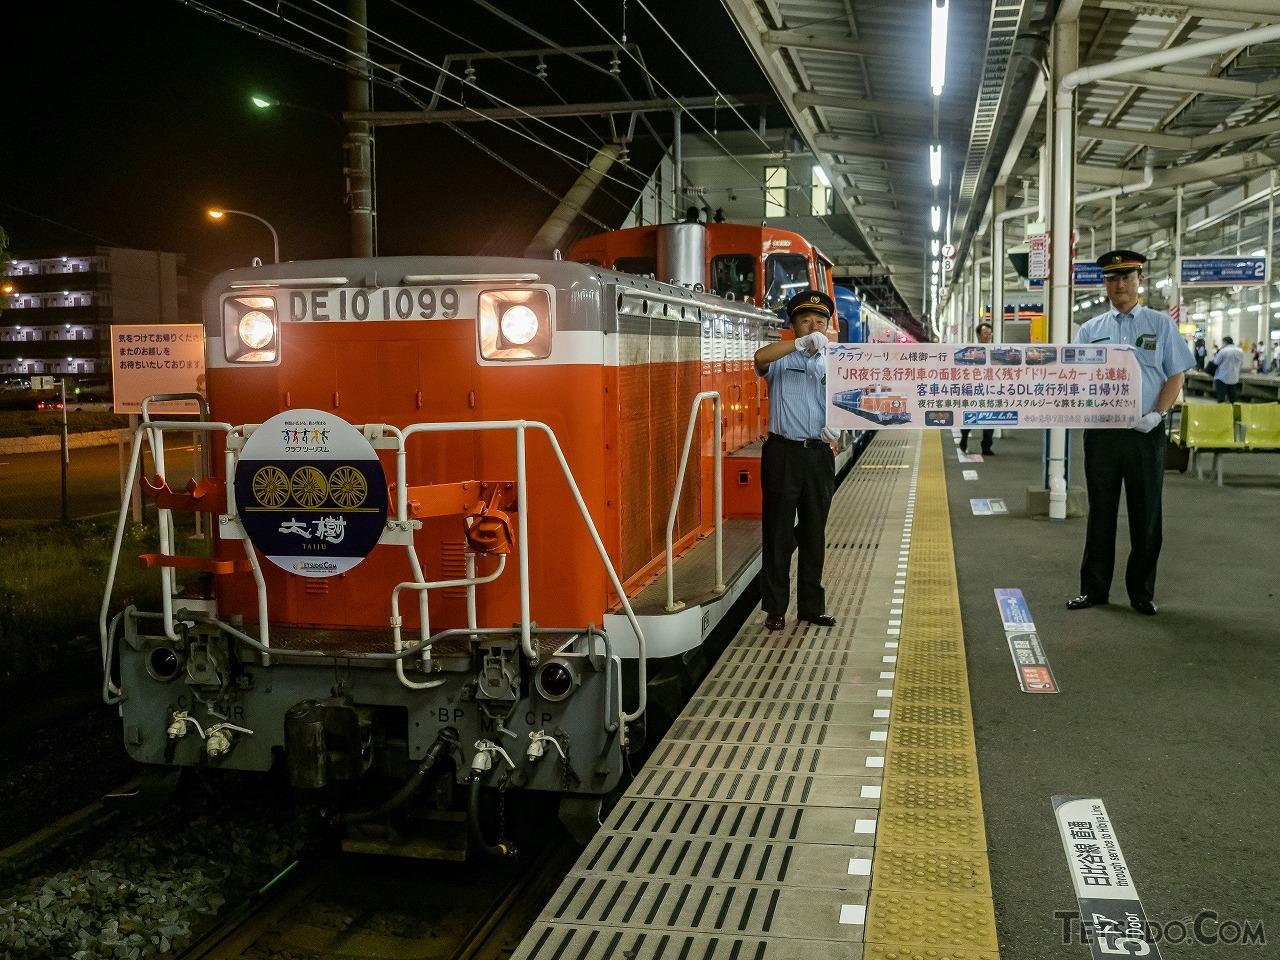 7月に鉄道コム20周年企画として催行した「東武 14系DL夜行列車ツアー」